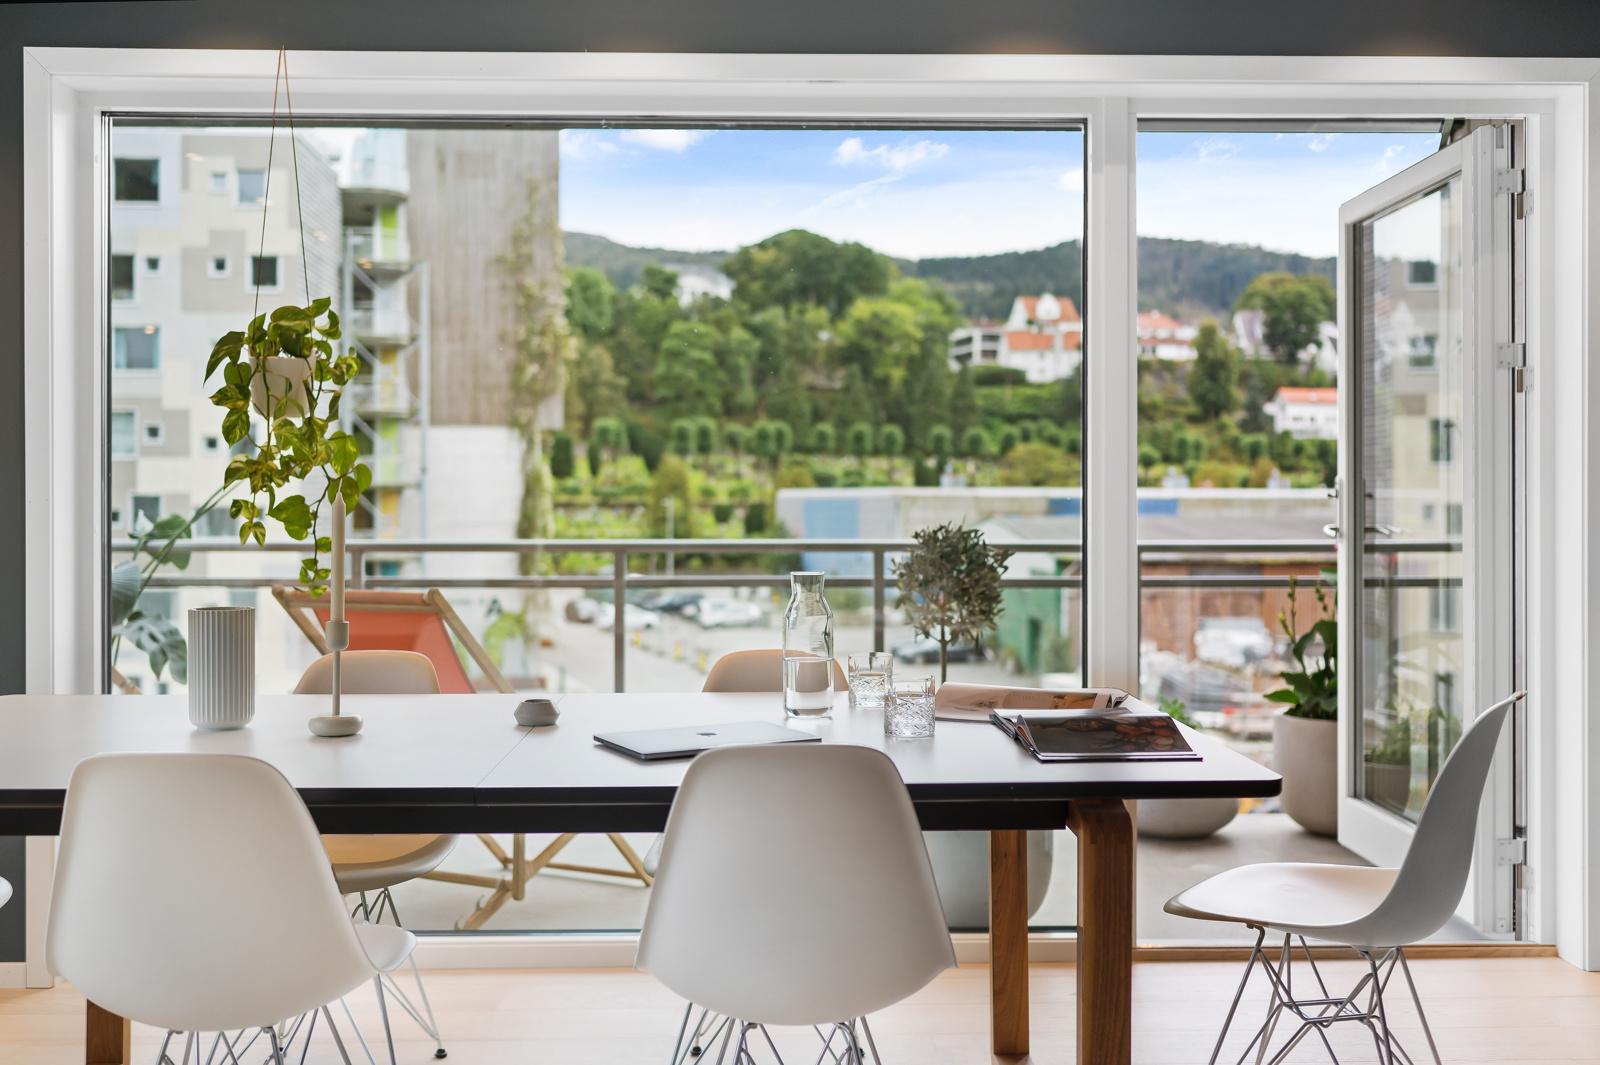 Velkommen til en stilfull 3-roms endeleilighet beliggende i indrefileten ved Store Lungegårdsvannet, presentert av Chris-André Grimstad